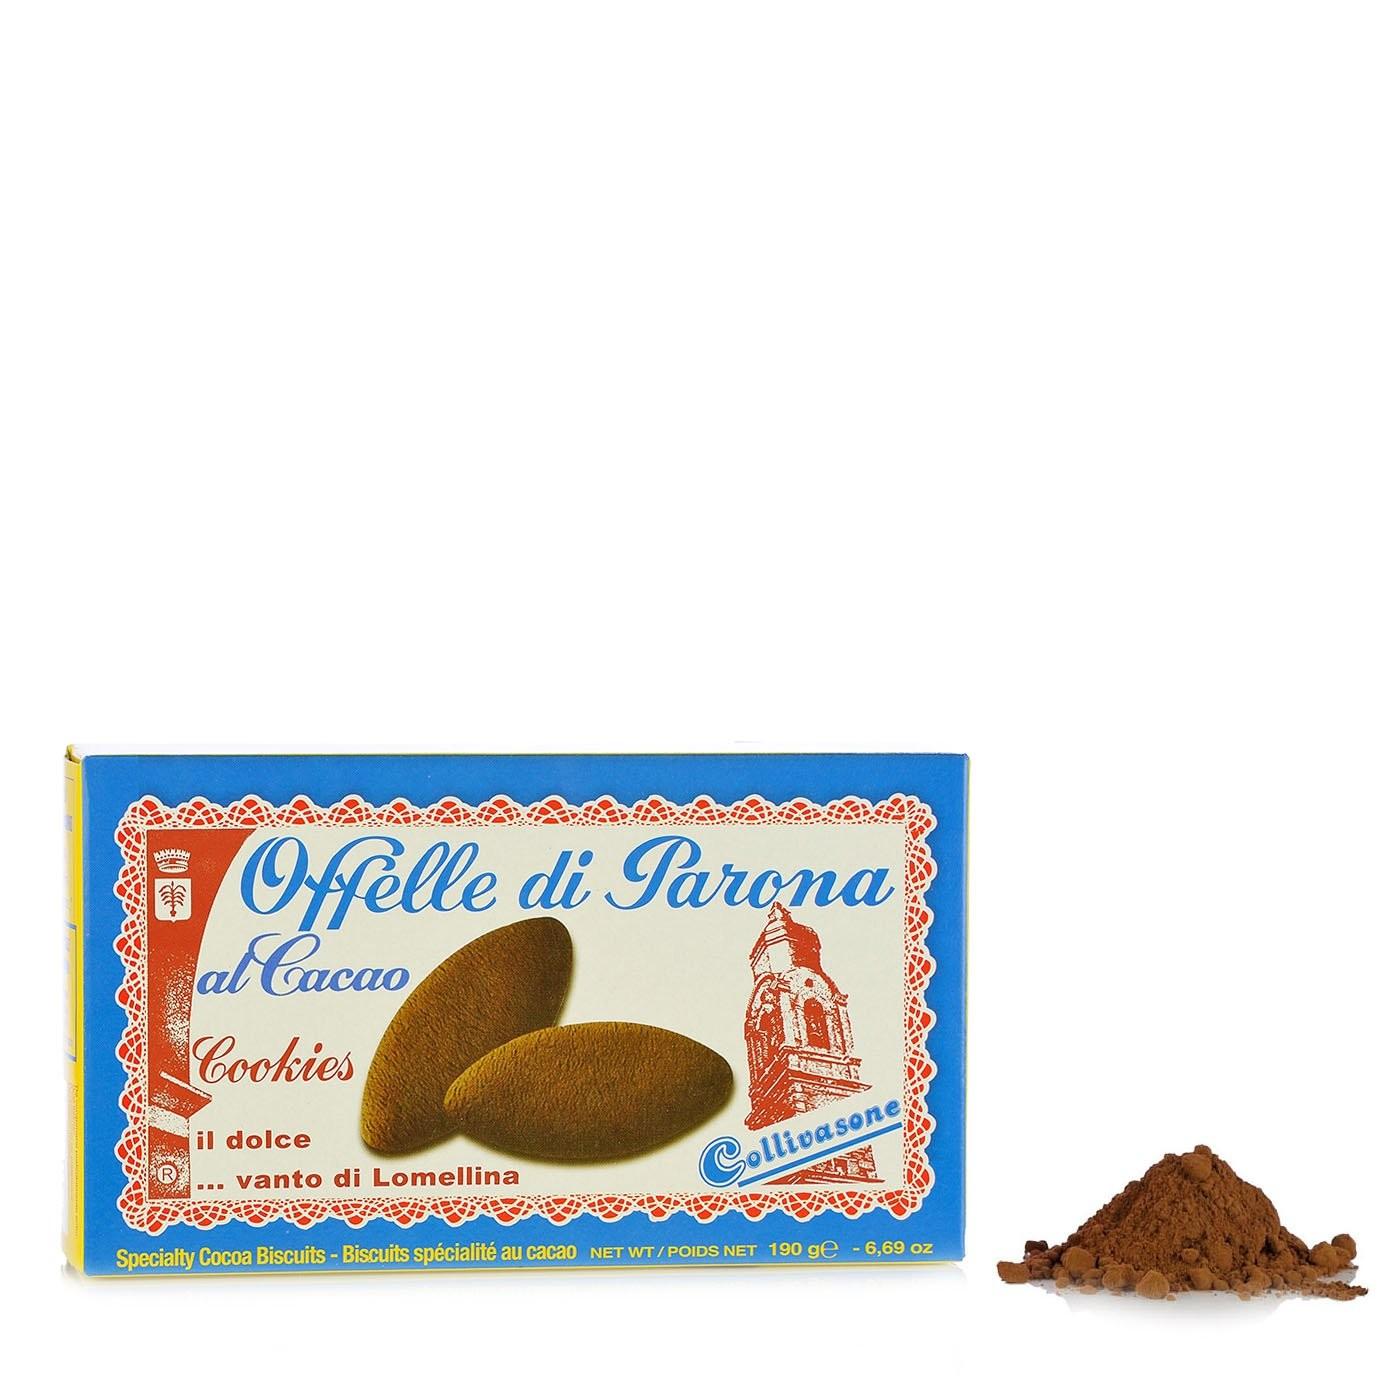 Cocoa Offelle di Parona Cookies 6.69oz